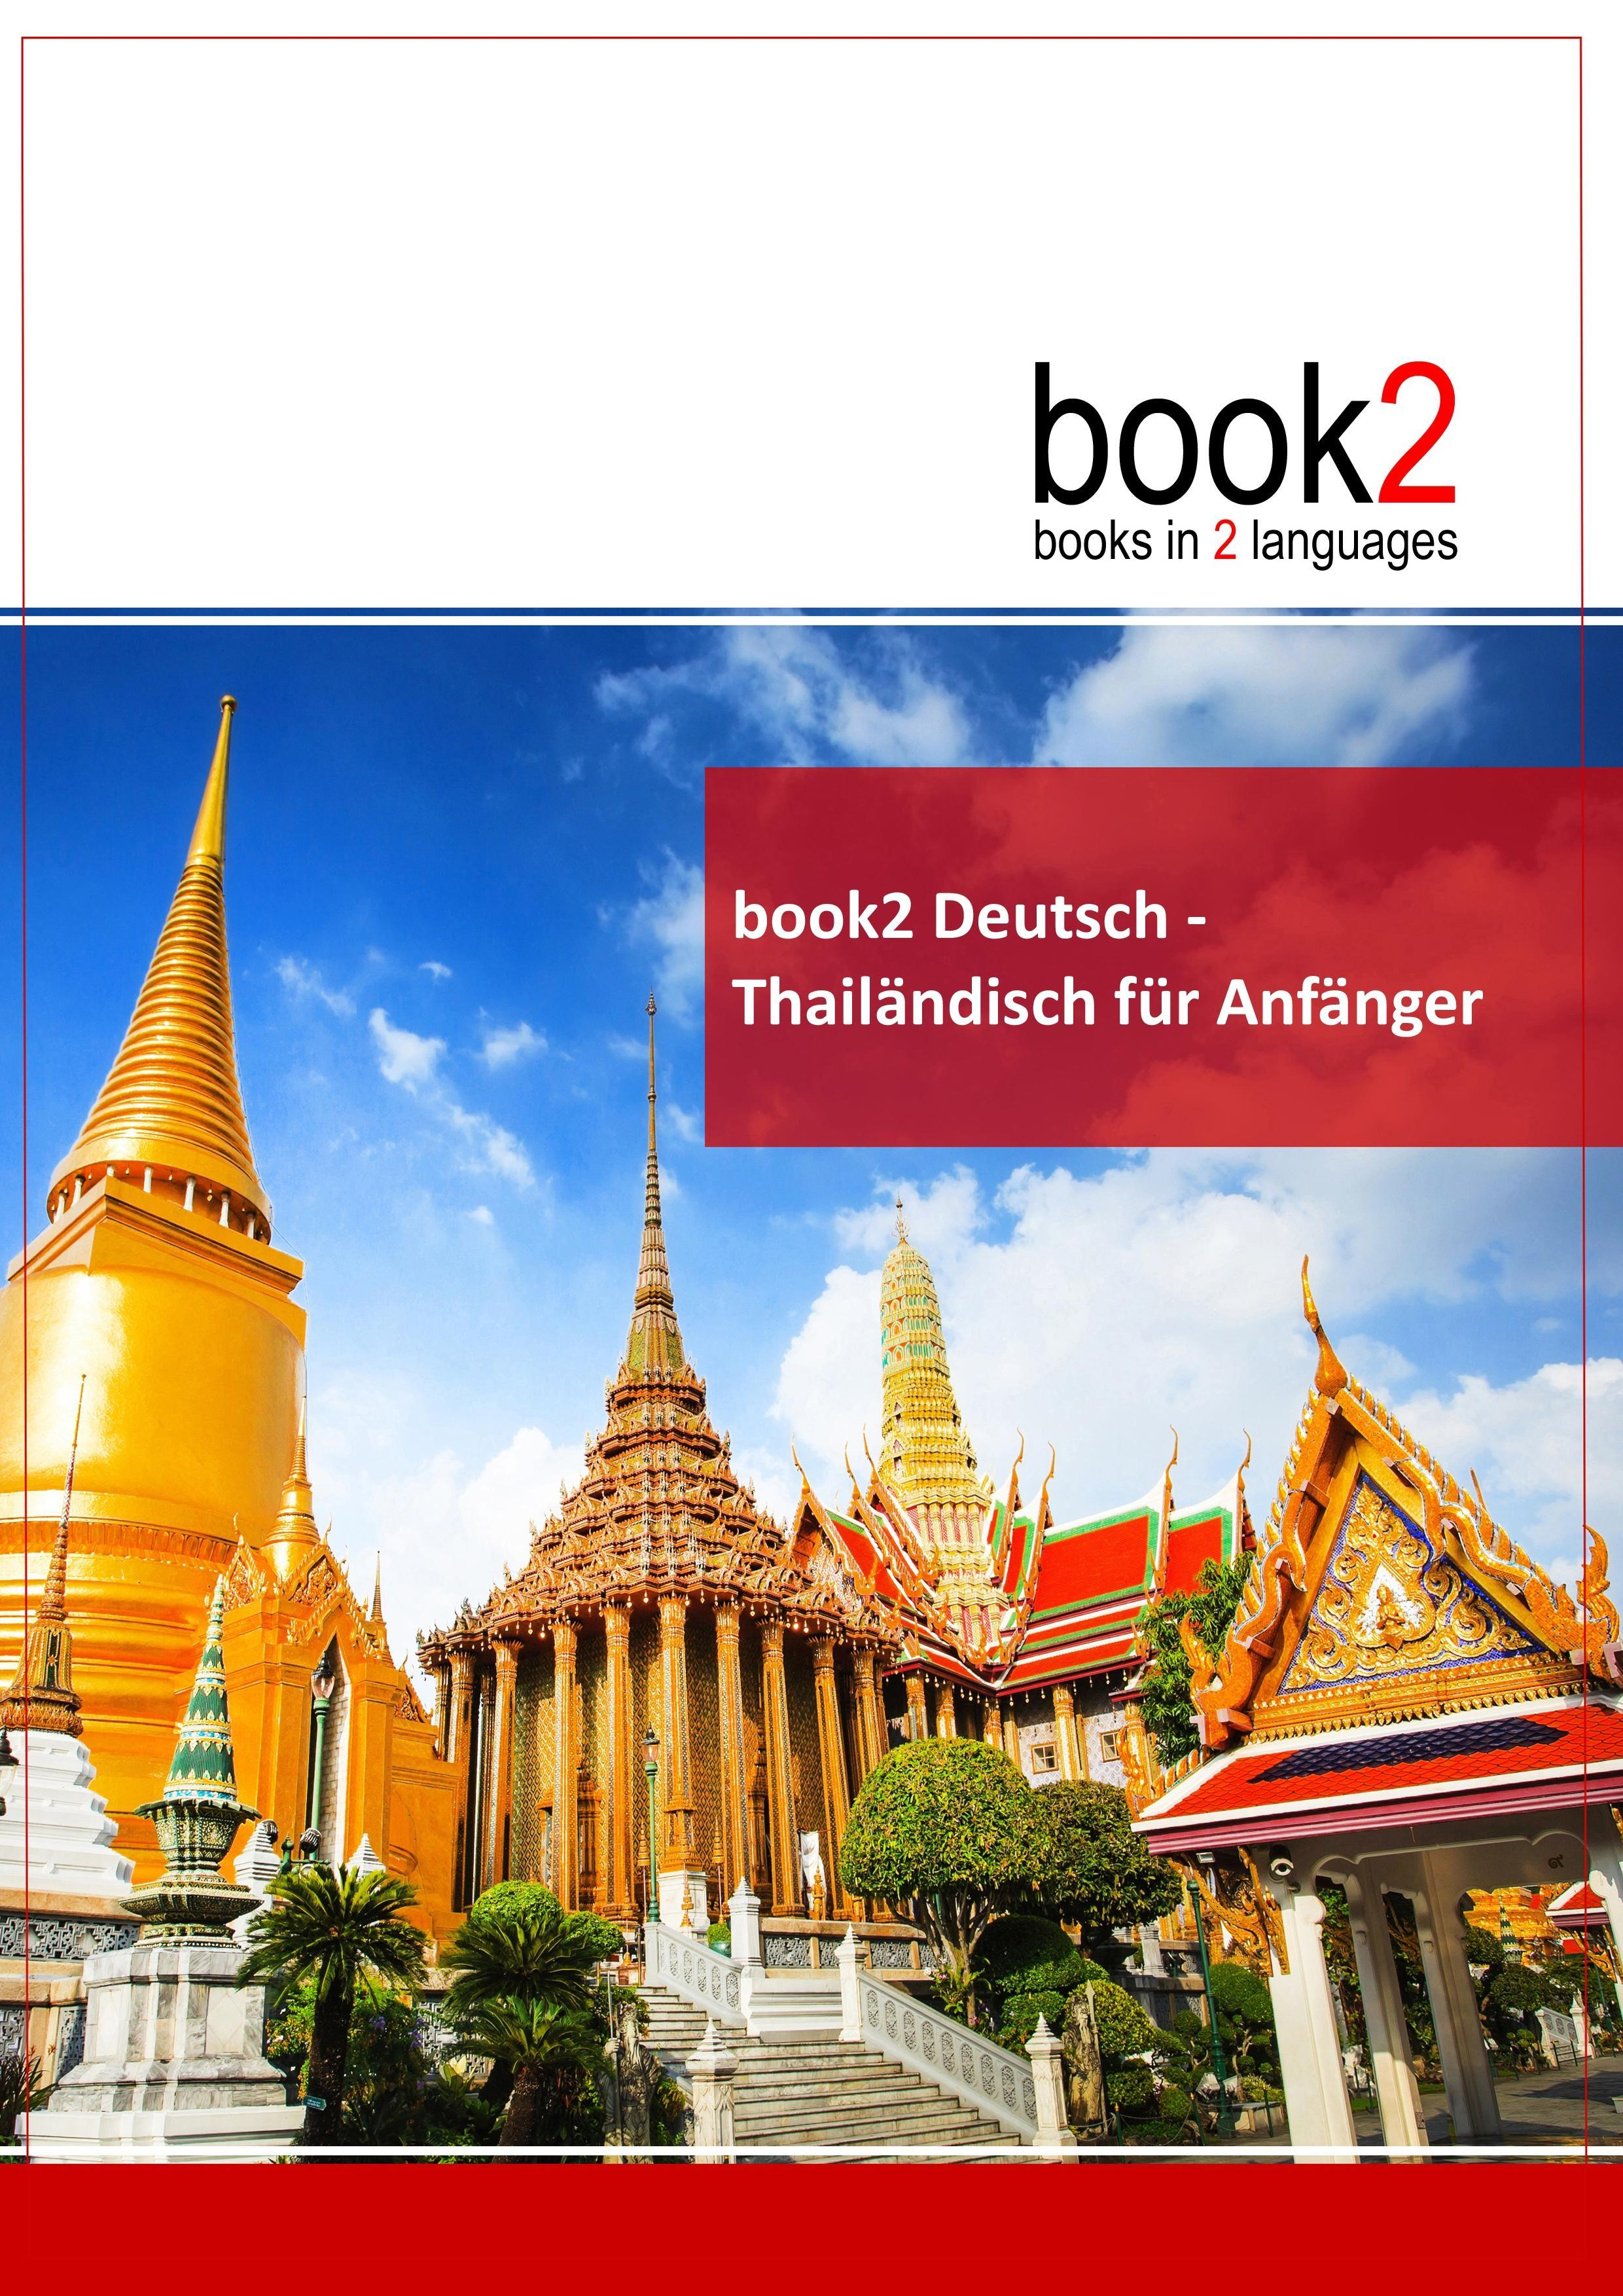 book2 Deutsch - Thailändisch für Anfänger Schumann, Johannes